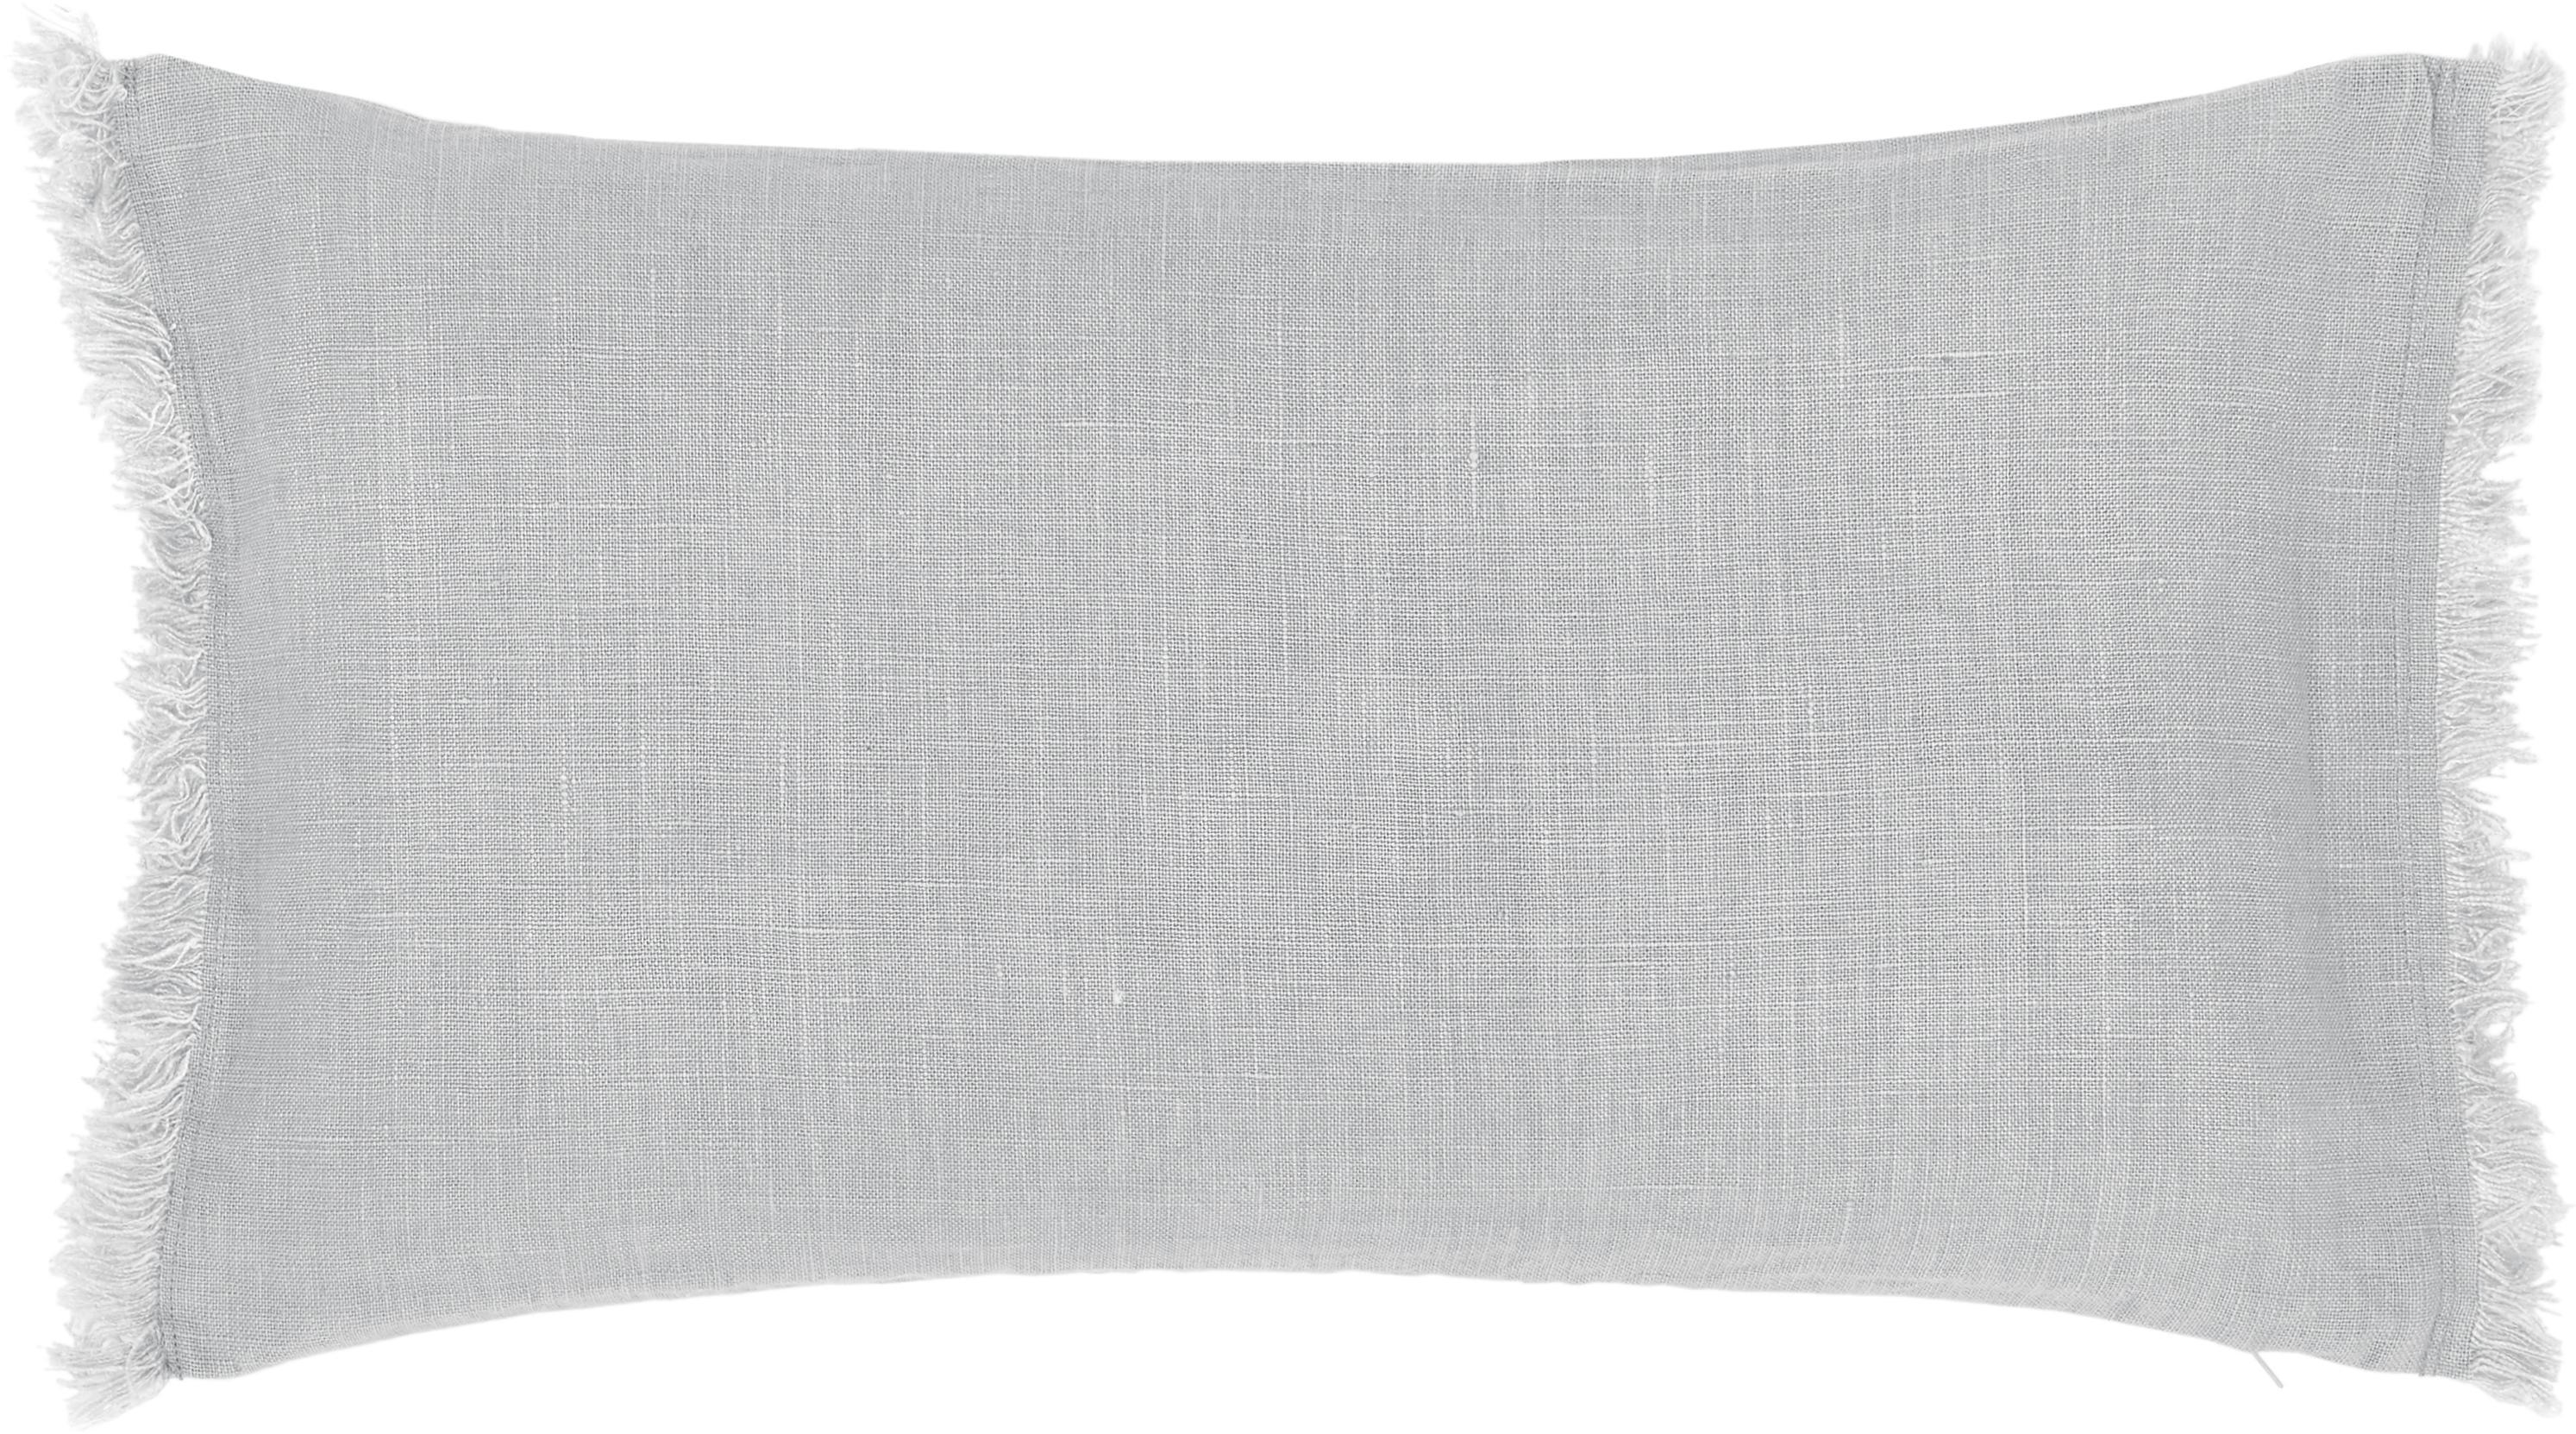 Linnen kussenhoes Luana in lichtgrijs met franjes, 100% linnen, Lichtgrijs, 30 x 50 cm